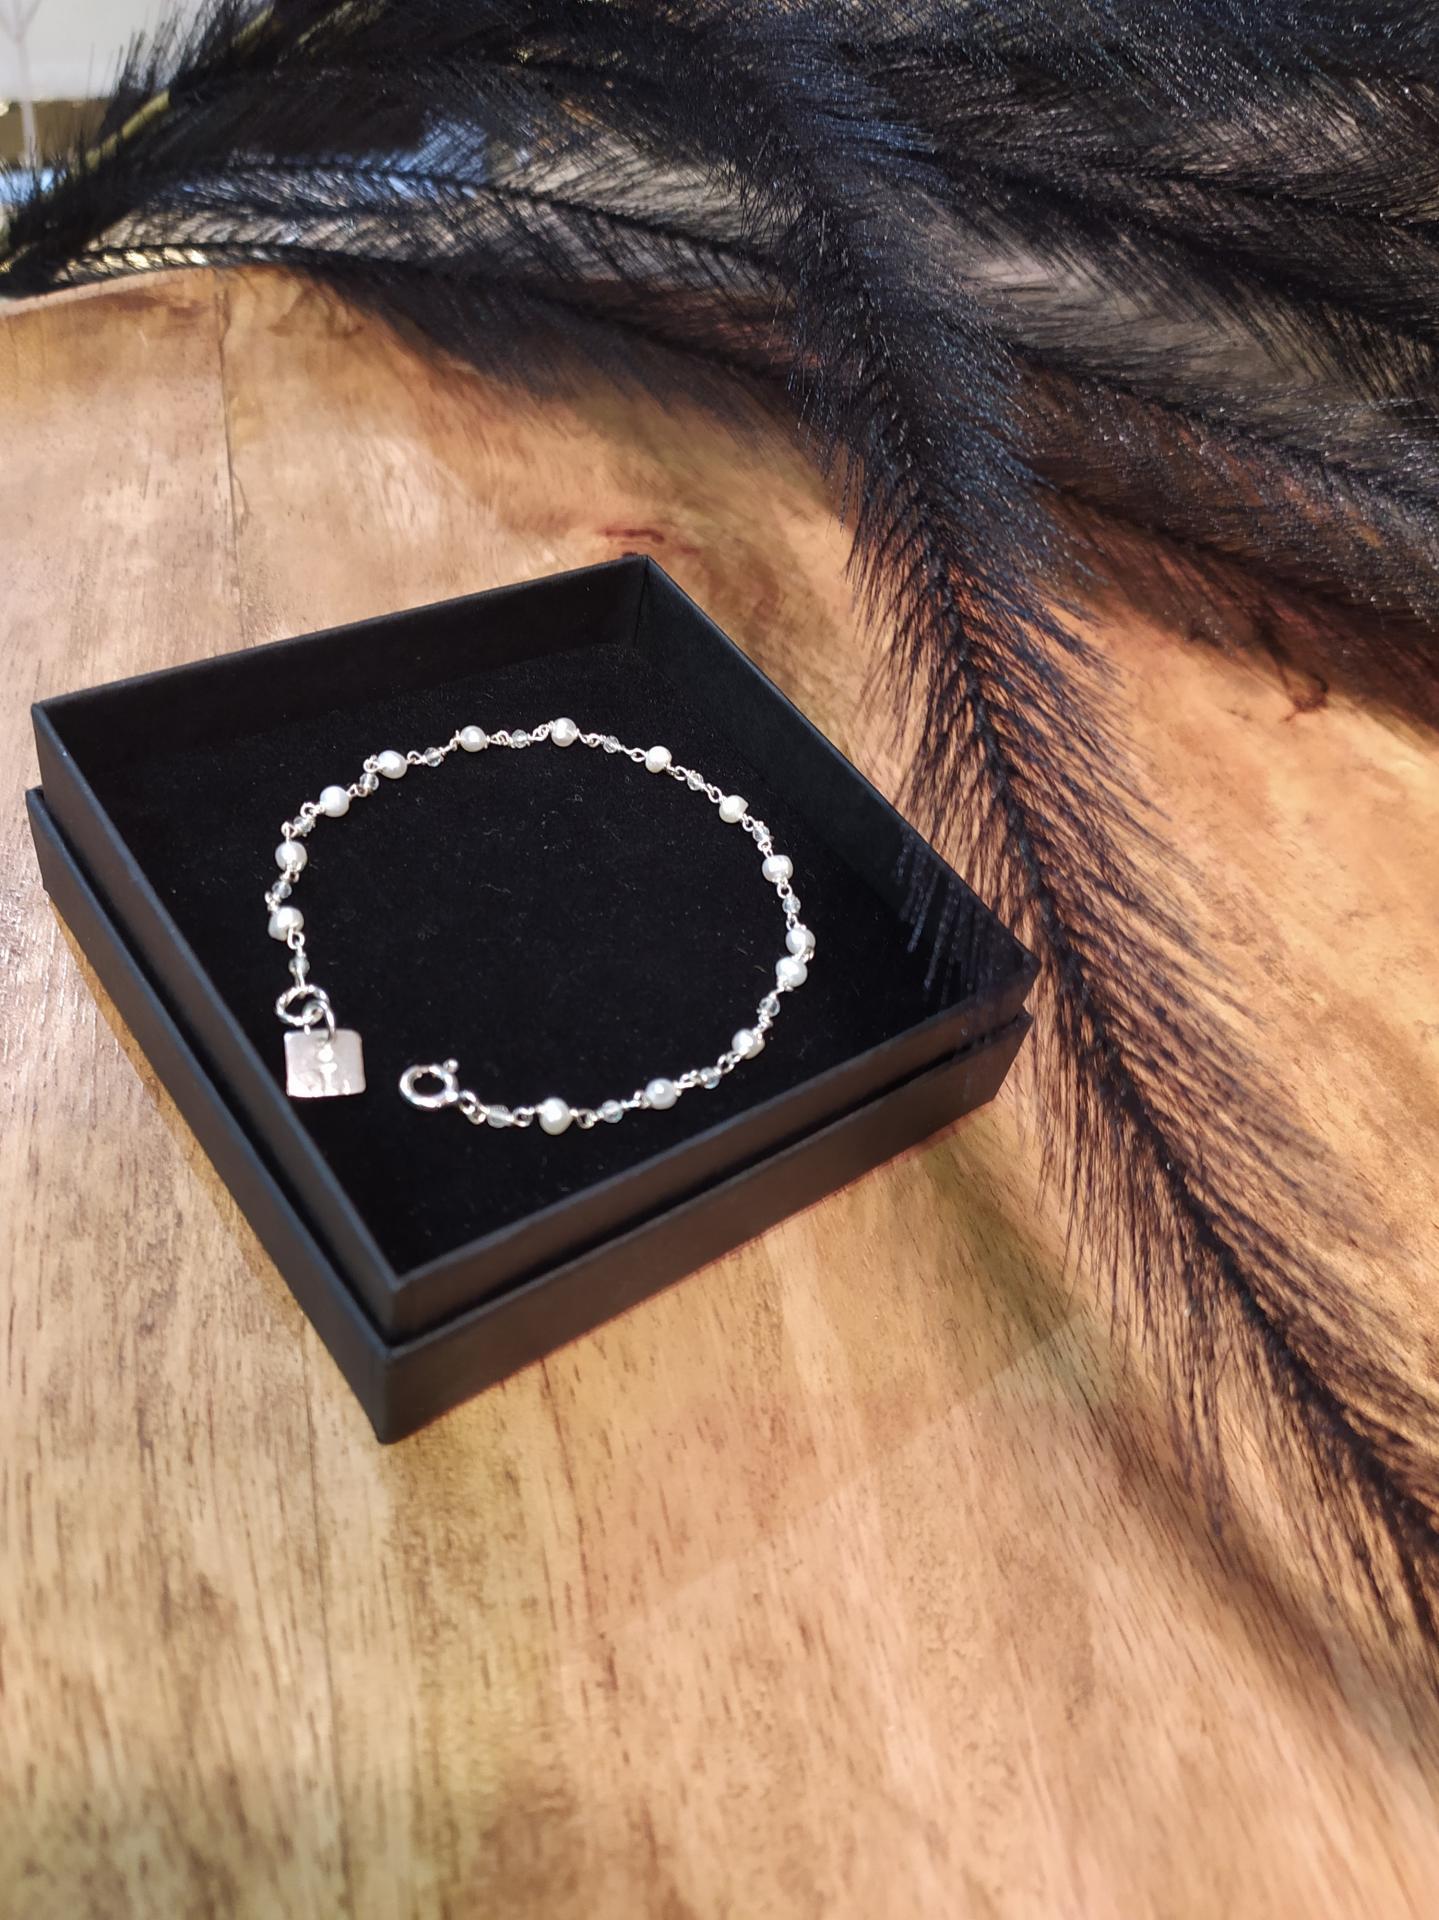 Bracelet ref 260 1 53 gr convient aux poignets allant jusqu a 16 5 cm